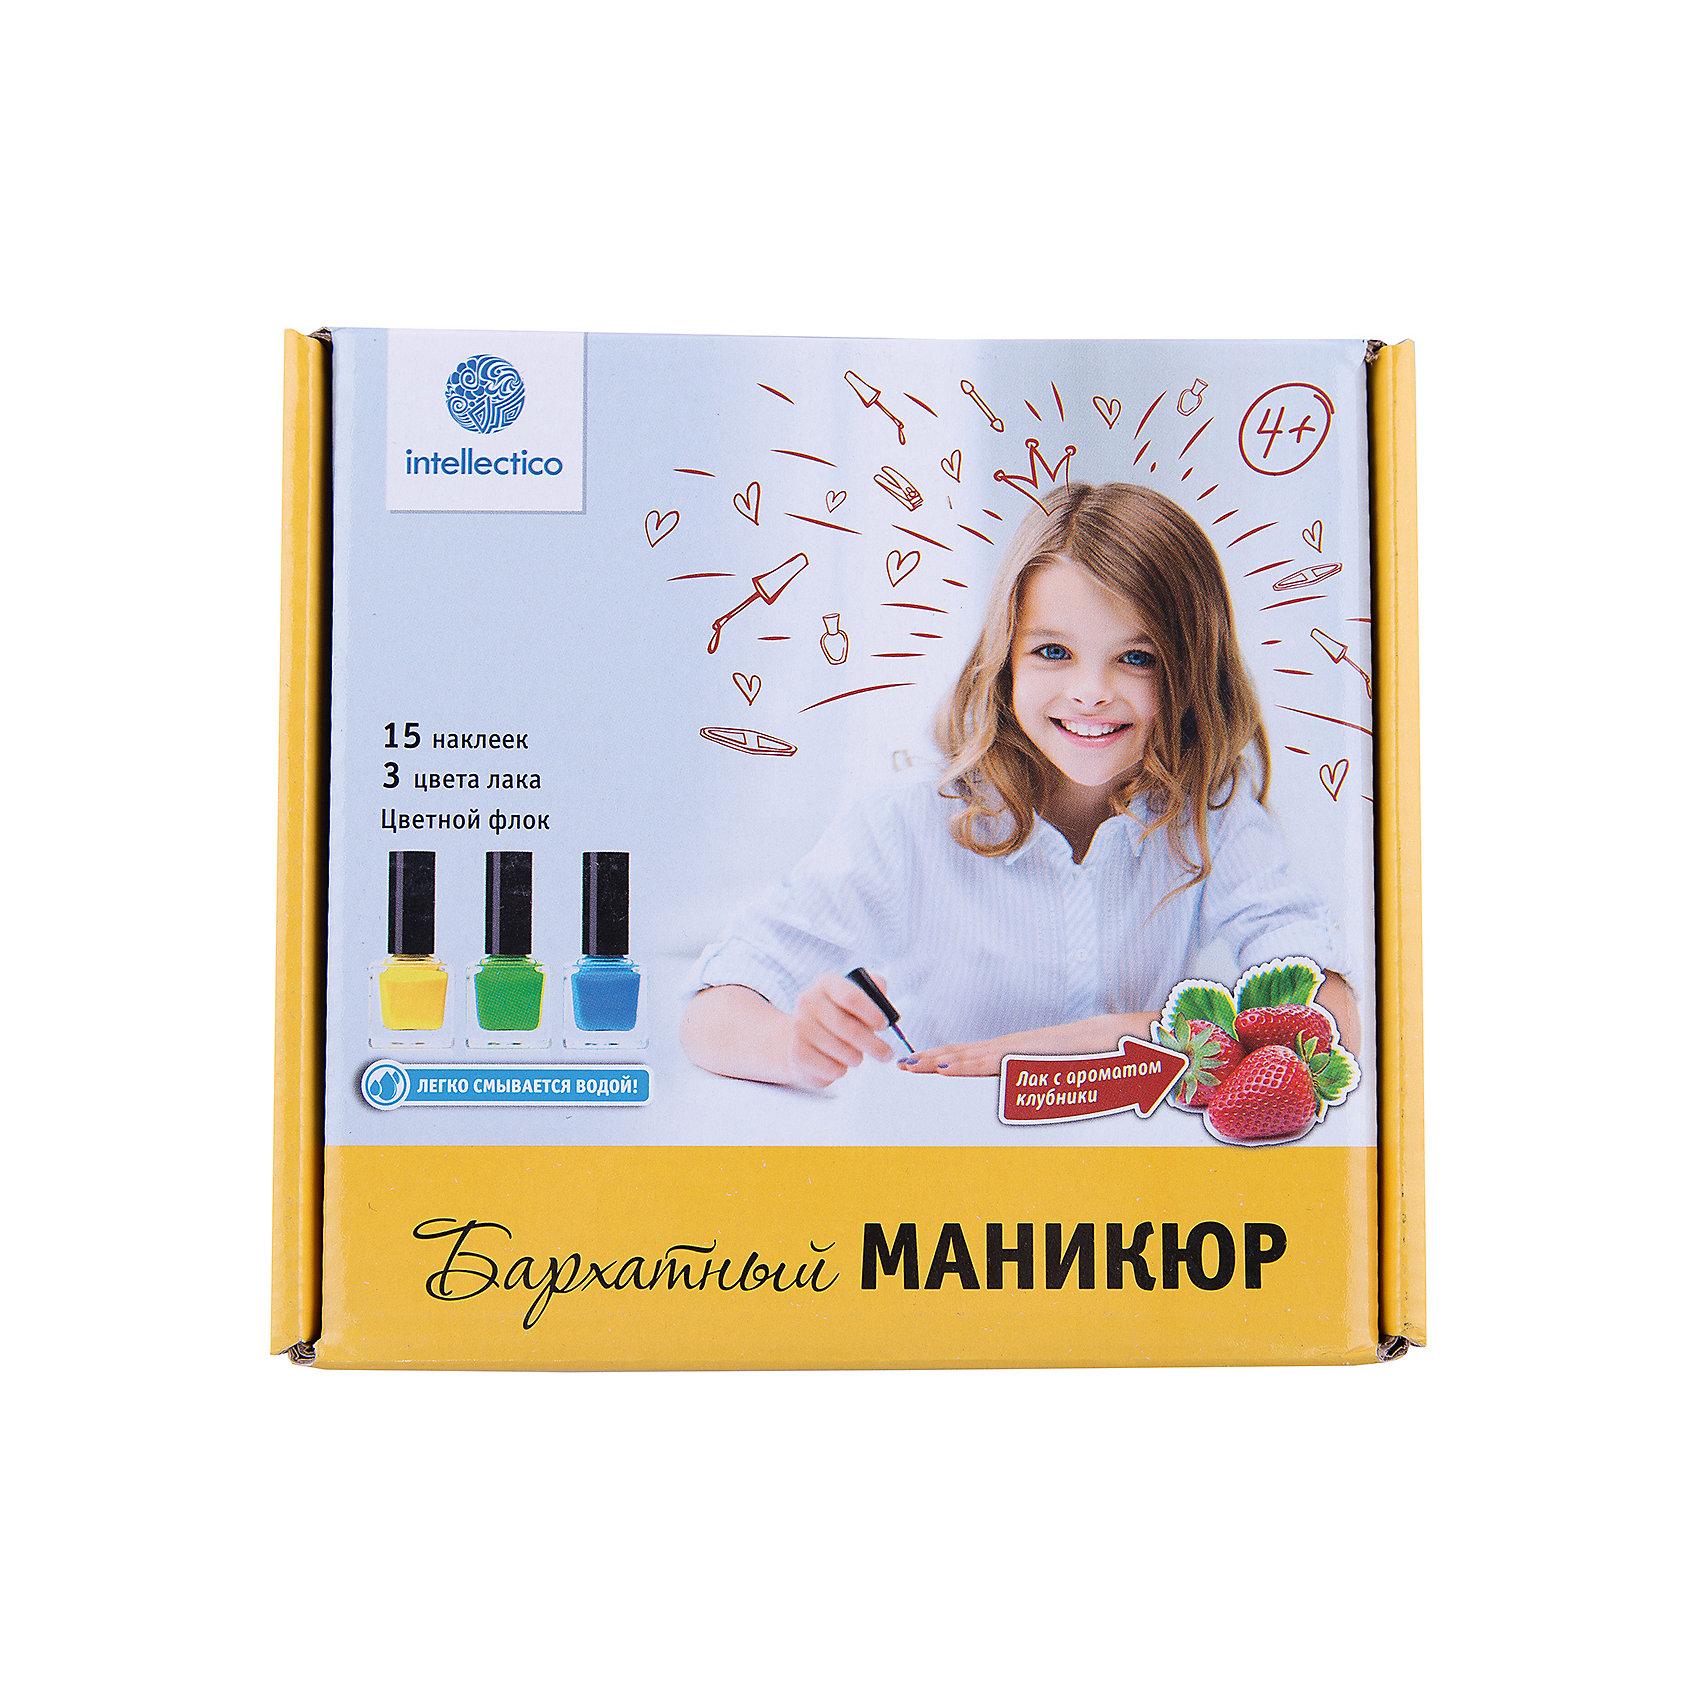 Малый набор Бархатный маникюрНаборы детской косметики<br>Этот набор позволяет изготовить два косметических продукта: апельсиновый и шоколадный гели для душа . Какой именно ароматизированный краситель использовать - зависит от вашего настроения. Оранжевый апельсин - дивный, бодрящий и свежий, Темный шоколад - расслабляющий, теплый и нежный. <br> Процесс изготовления геля - увлекательное творчество, которое доставит не меньше удовольствия, чем использование готового продукта. У вас получится свежайшая косметика, обладающая увлажняющими и смягчающими кожу свойствами. Специально для хранения геля в наборе имеется удобная бутылочка-дозатор. <br> Возраст: 8+<br><br>Ширина мм: 175<br>Глубина мм: 155<br>Высота мм: 50<br>Вес г: 240<br>Возраст от месяцев: 48<br>Возраст до месяцев: 180<br>Пол: Женский<br>Возраст: Детский<br>SKU: 5263170